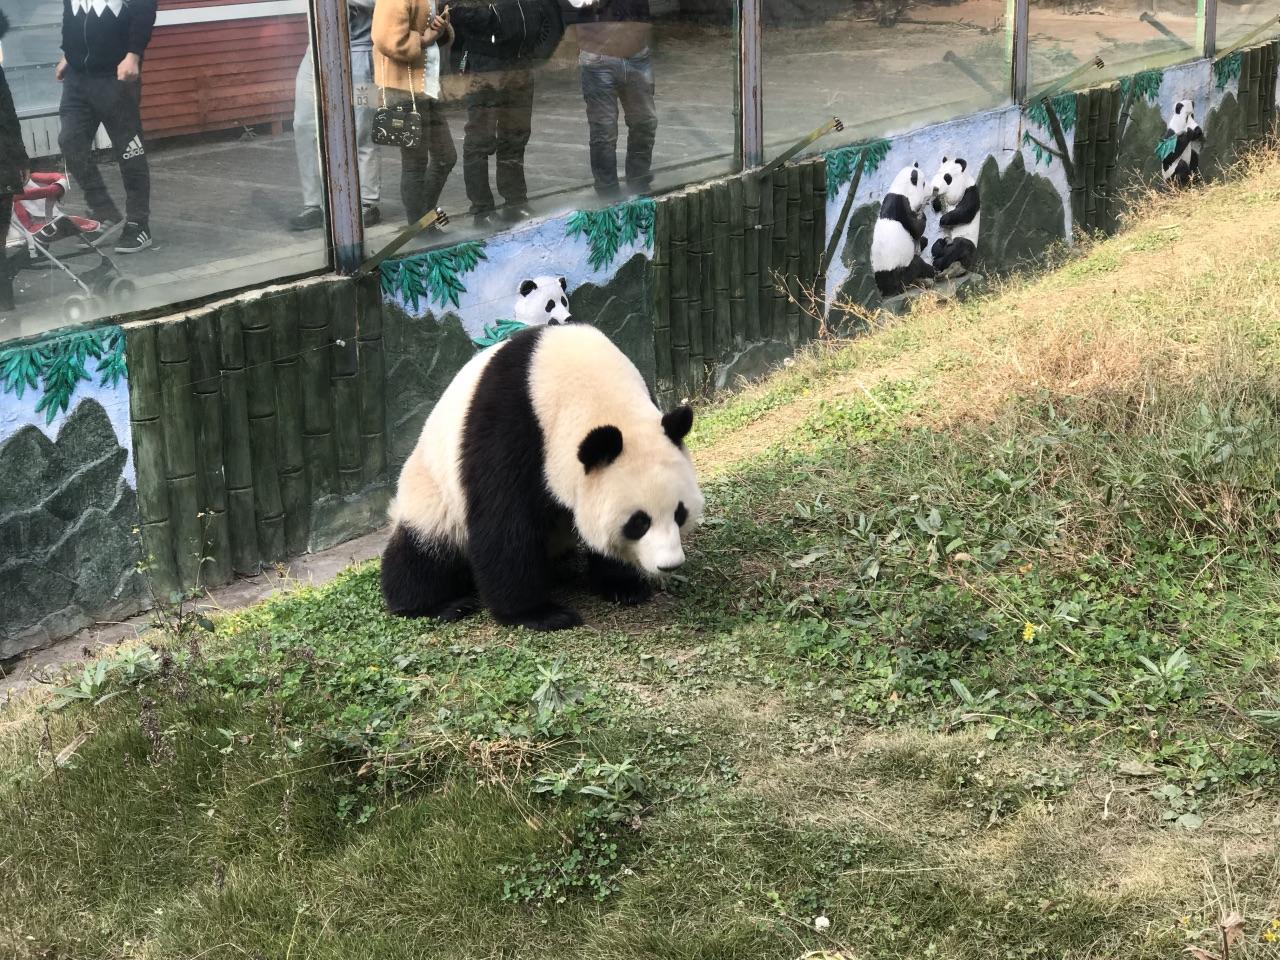 壁纸 大熊猫 动物 狗 狗狗 1280_960